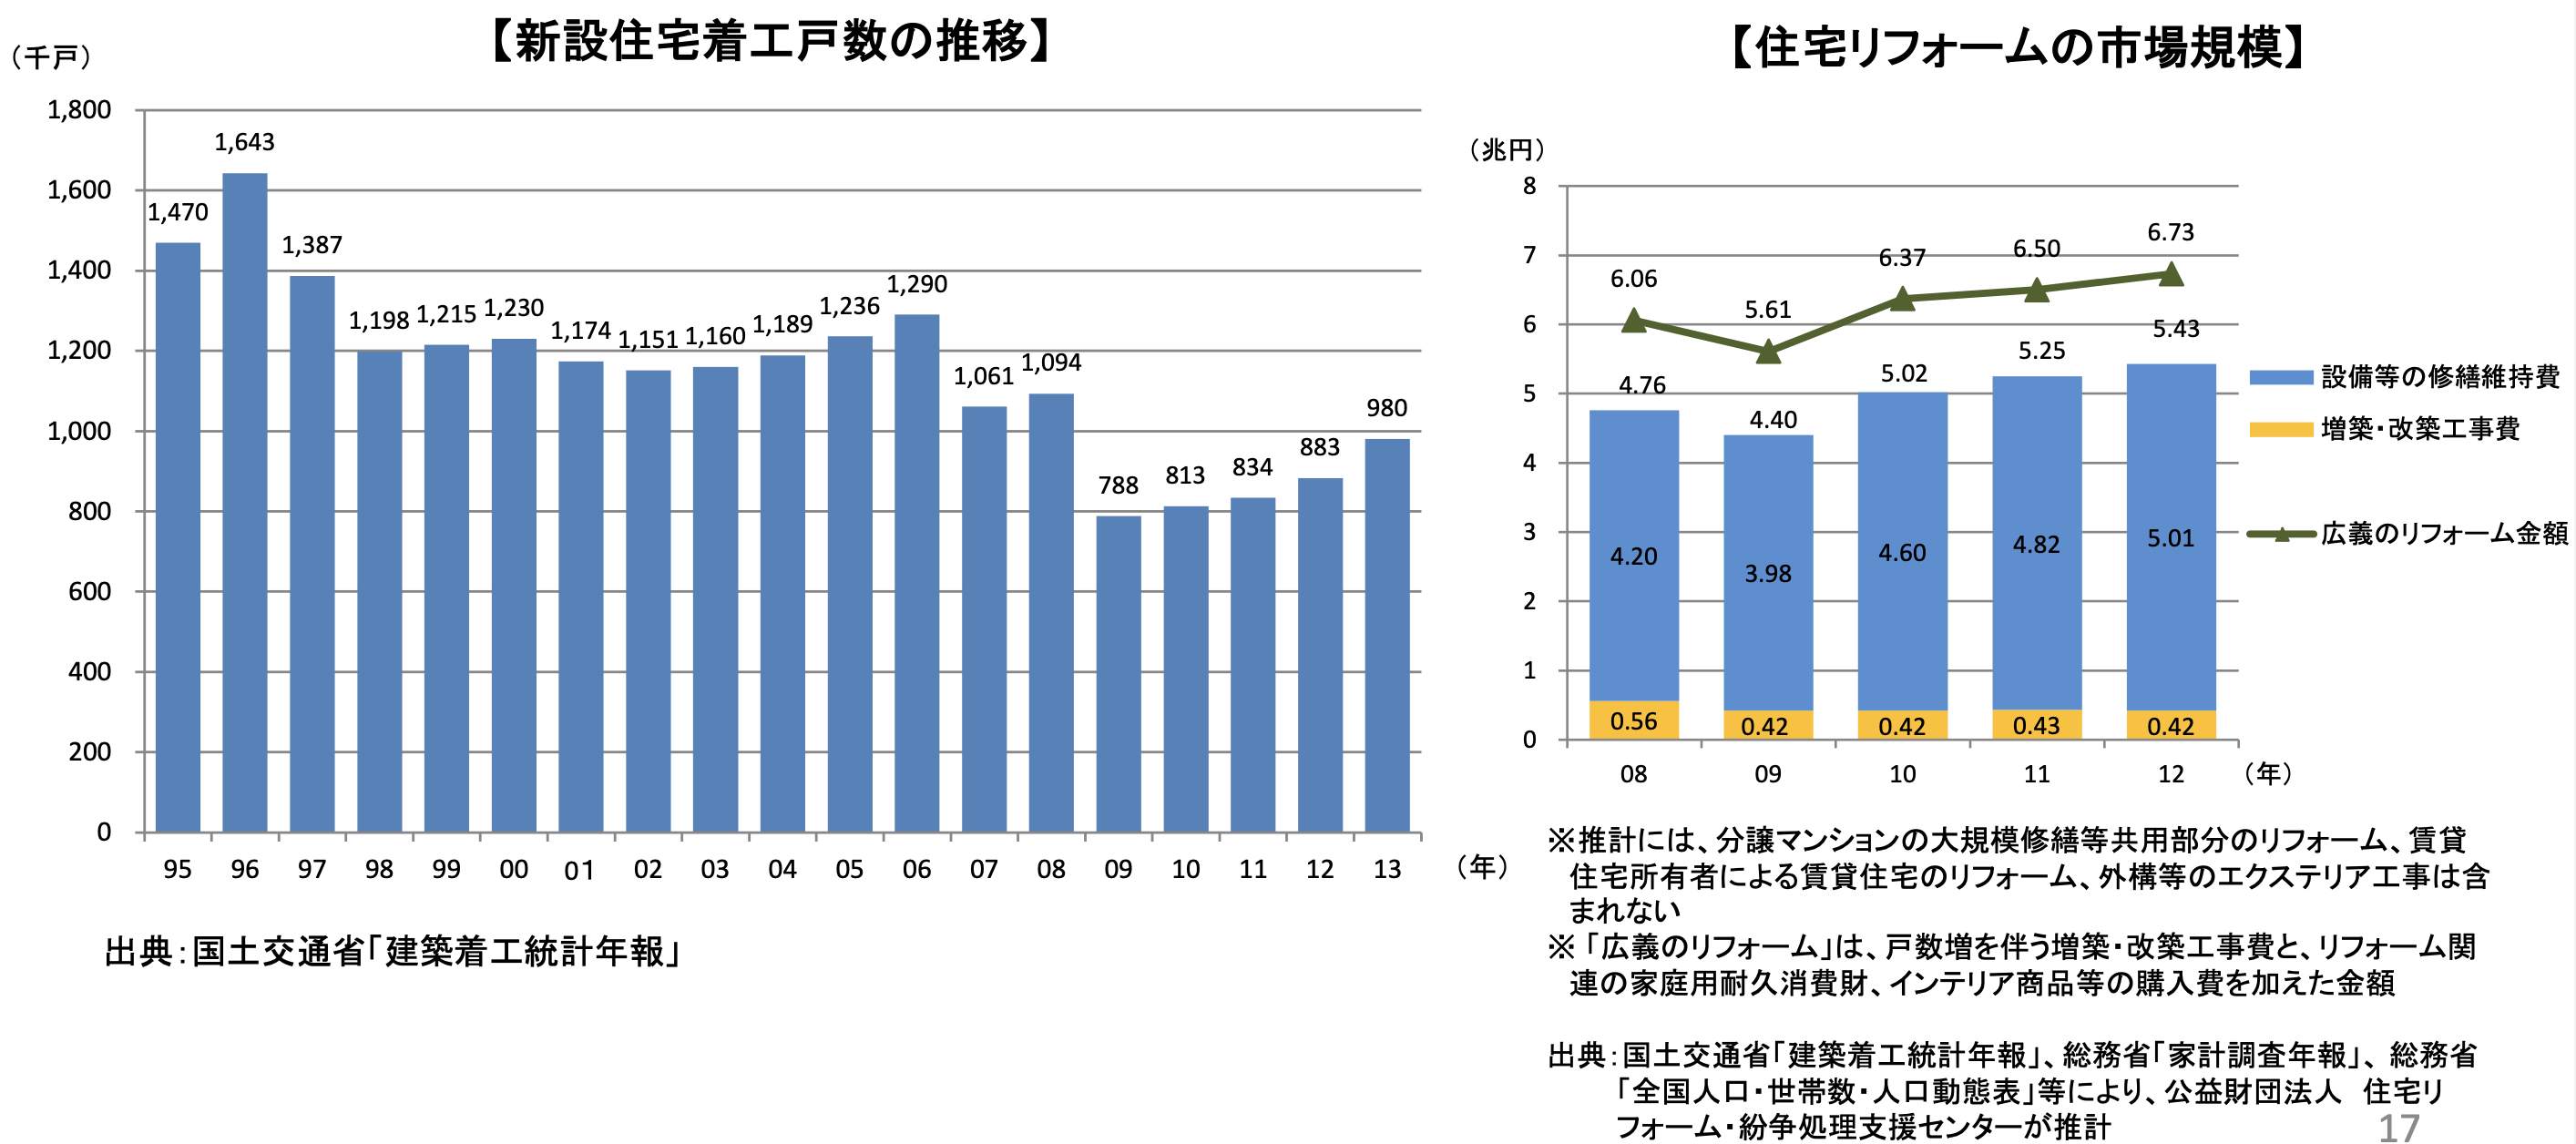 住宅・リフォーム業界を巡る 現状と社会環境の変化 (参考図表)